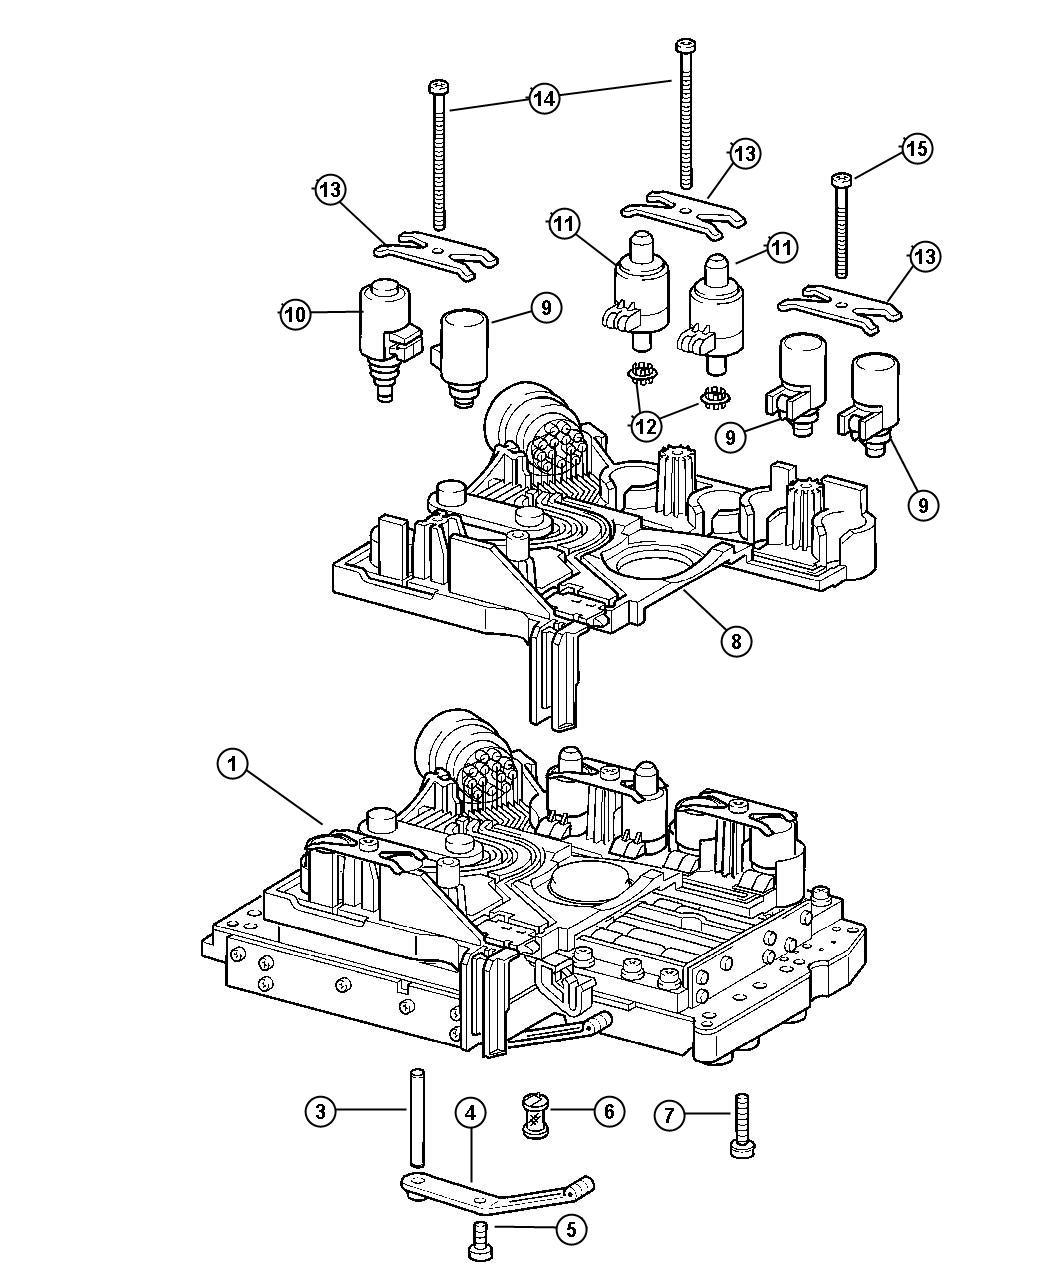 [DIAGRAM] Free 2012 Chrysler 300 Wiring Diagrams FULL